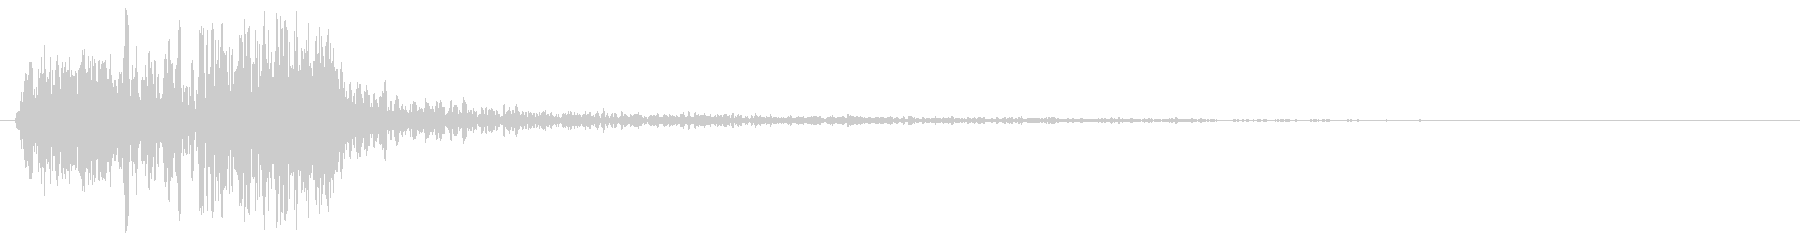 ズバッ(刀で人を切った音、時代劇)の未再生の波形